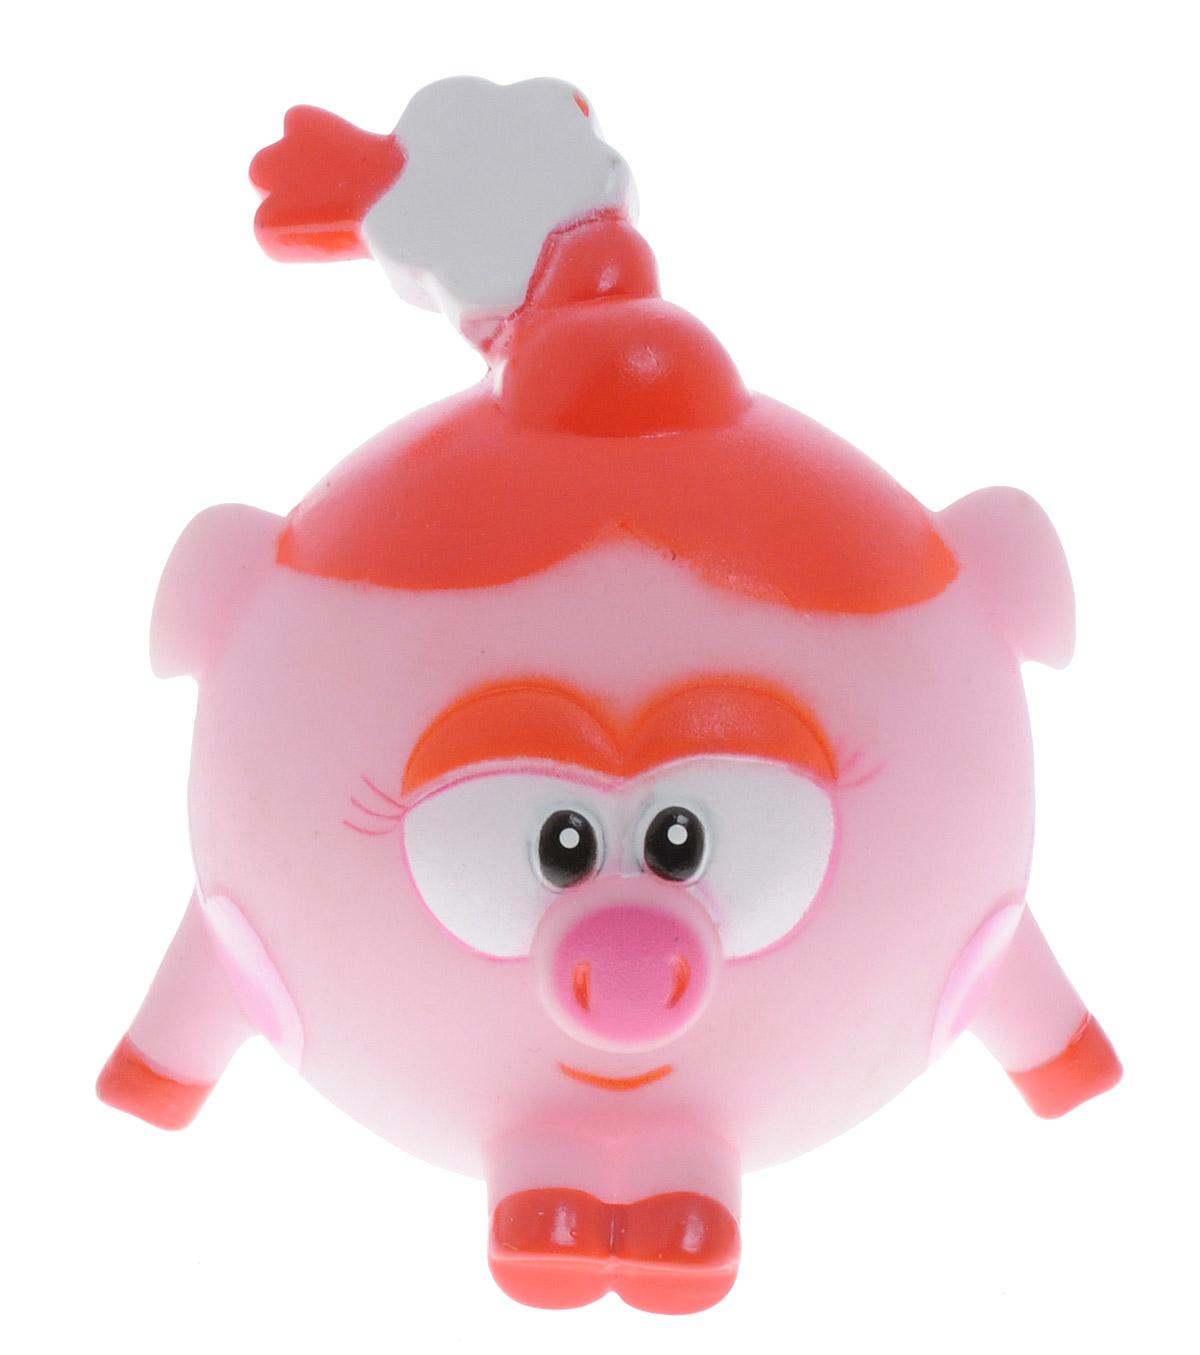 Смешарики Игрушка для ванной НюшаGT7891_нюшаИгрушка для ванной Смешарики Нюша превратит купание вашего малыша в интересную и веселую игру. Герой любимого мультфильма выполнен из высококачественного безопасного материала. С такой игрушкой вы вместе с вашим ребенком сможете придумать бессчетное количество веселых игр и историй. Нюша умеет произносить 5 фраз из мультфильма! Игрушка способствует развитию внимательности, мелкой моторики рук, воображения, зрительного восприятия.